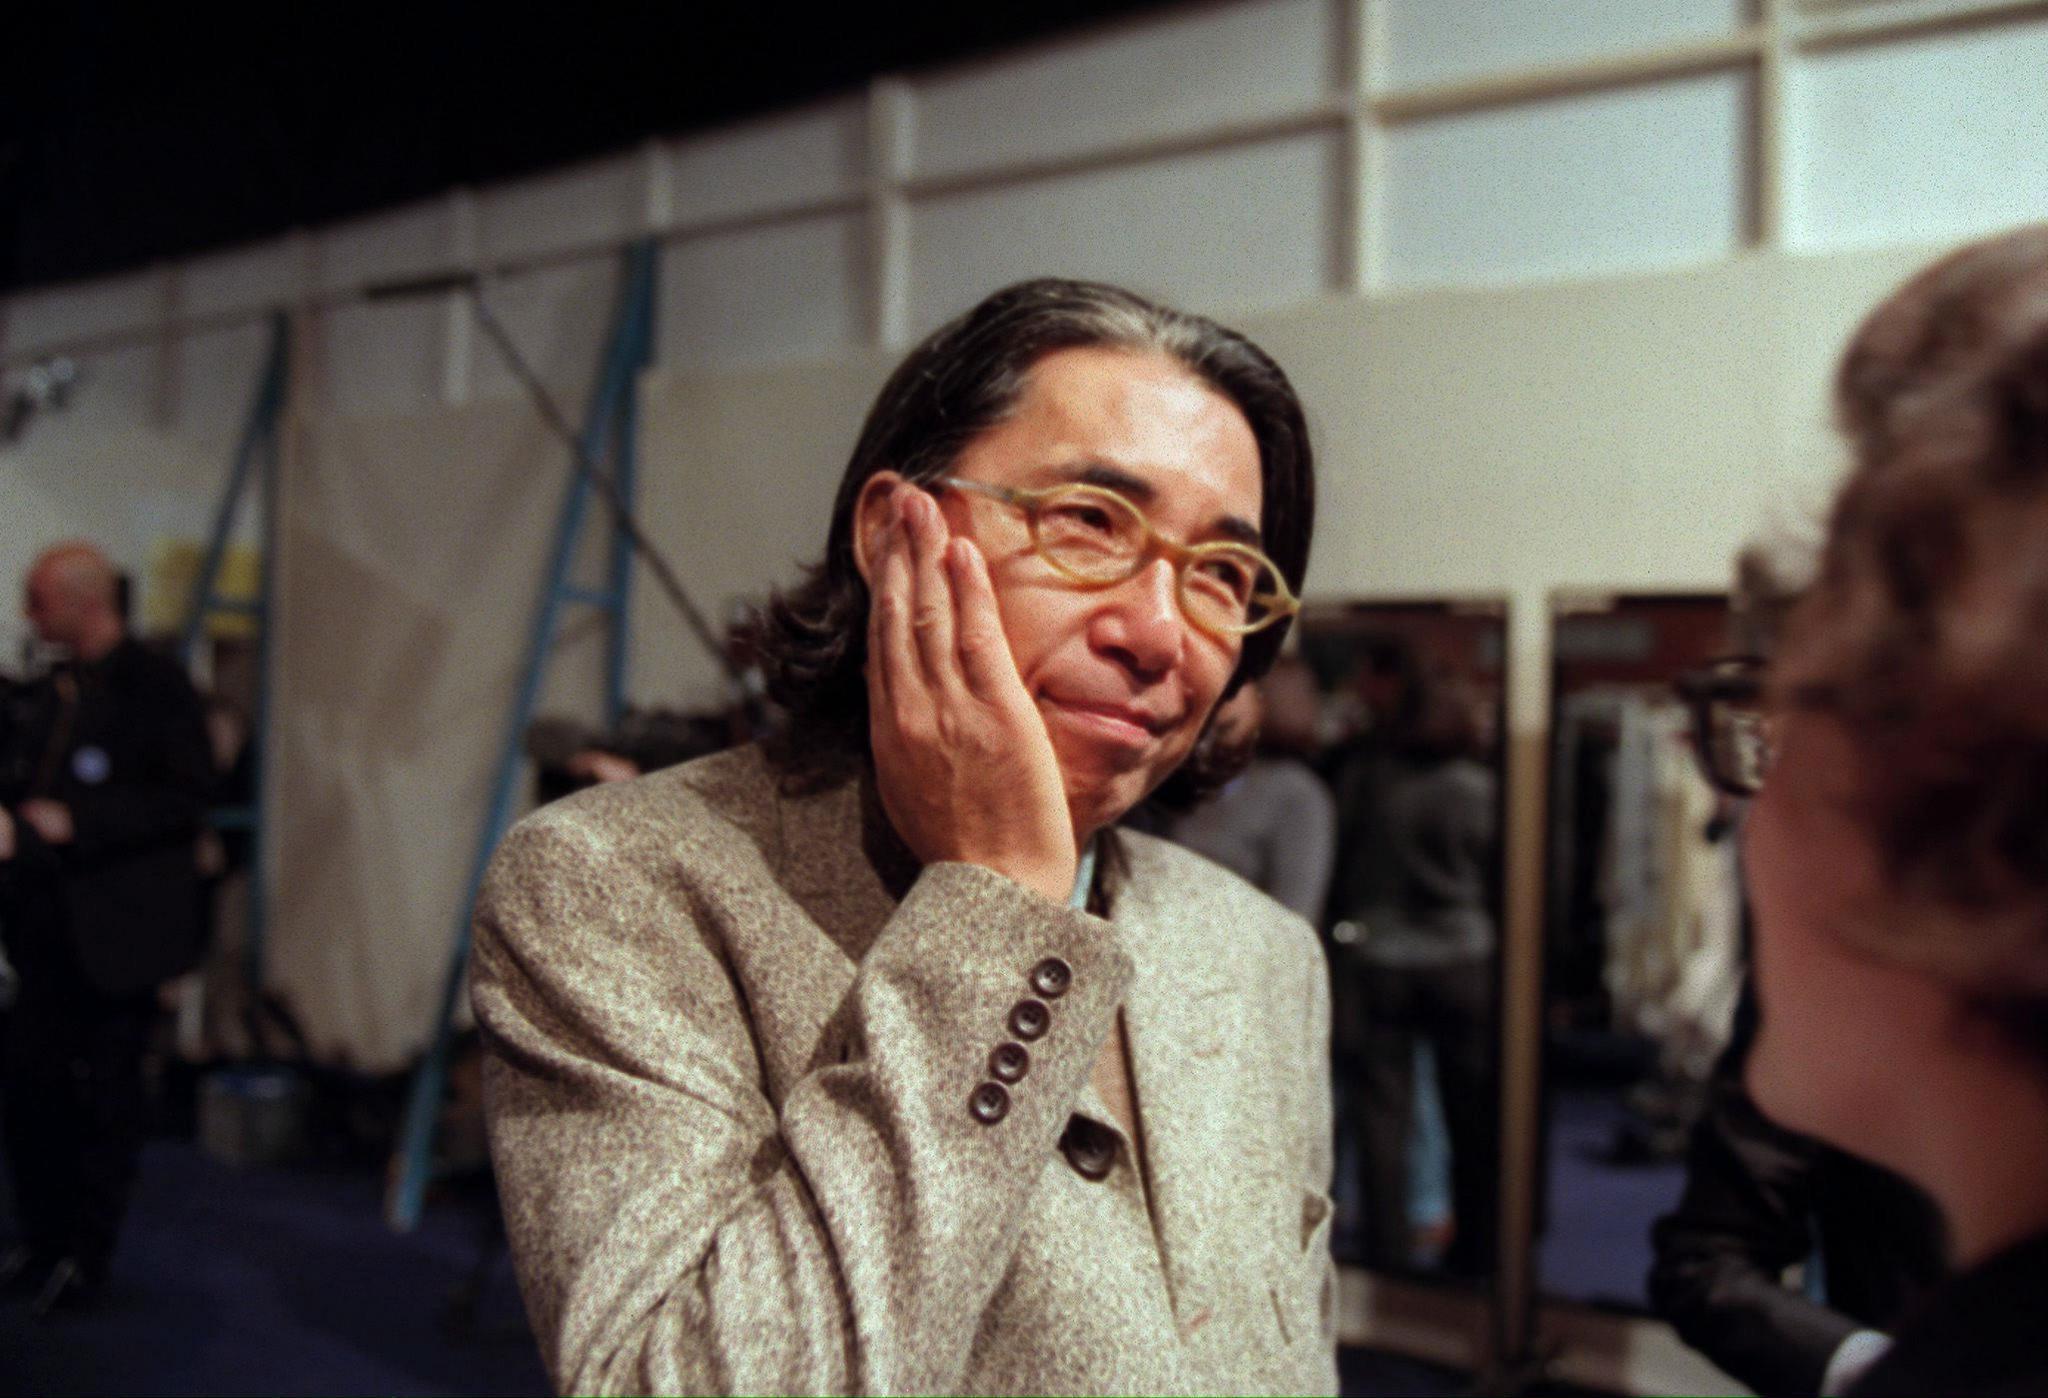 2,5 εκατομμύρια ευρώ για τη συλλογή και τα προσωπικά έπιπλα του Kenzo στο Παρίσι